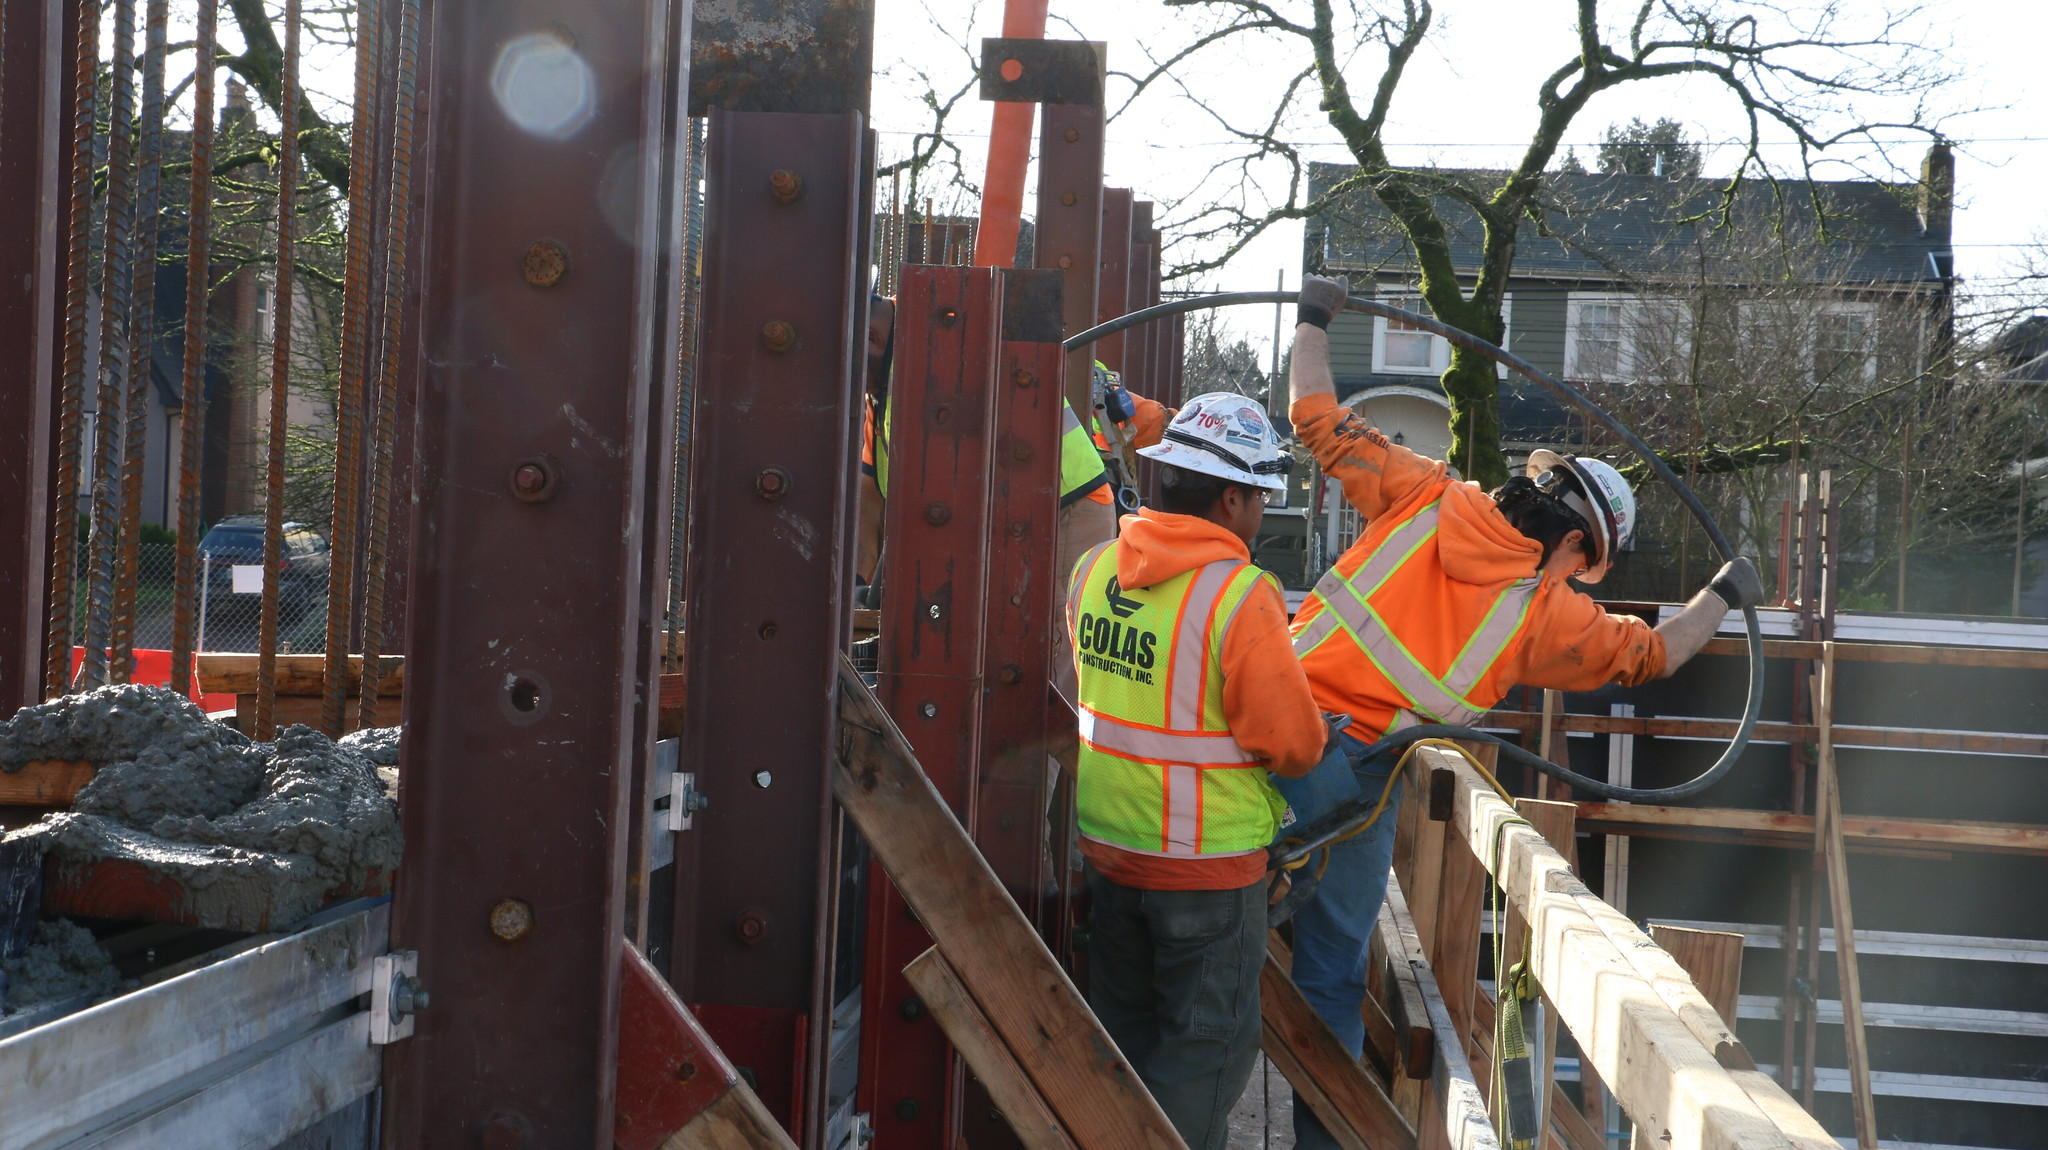 Grant concrete pour 1-30-18